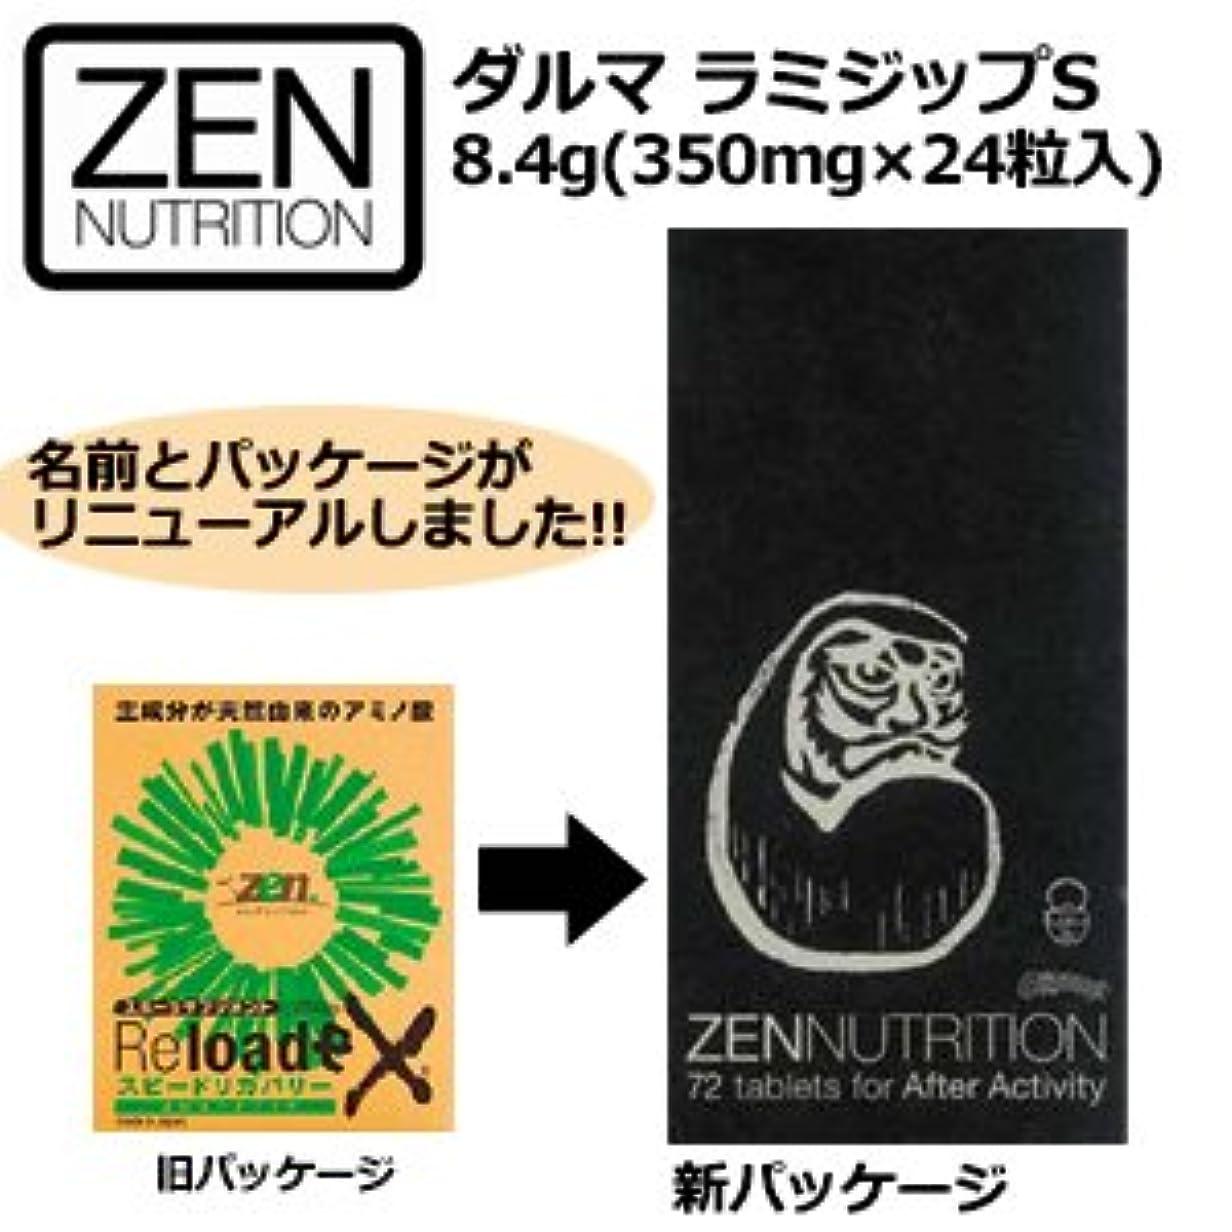 好むエレベーター大ZEN ゼン RE LOADE リロードEX 達磨 だるま サプリメント アミノ酸●ダルマ ラミジップS 8.4g